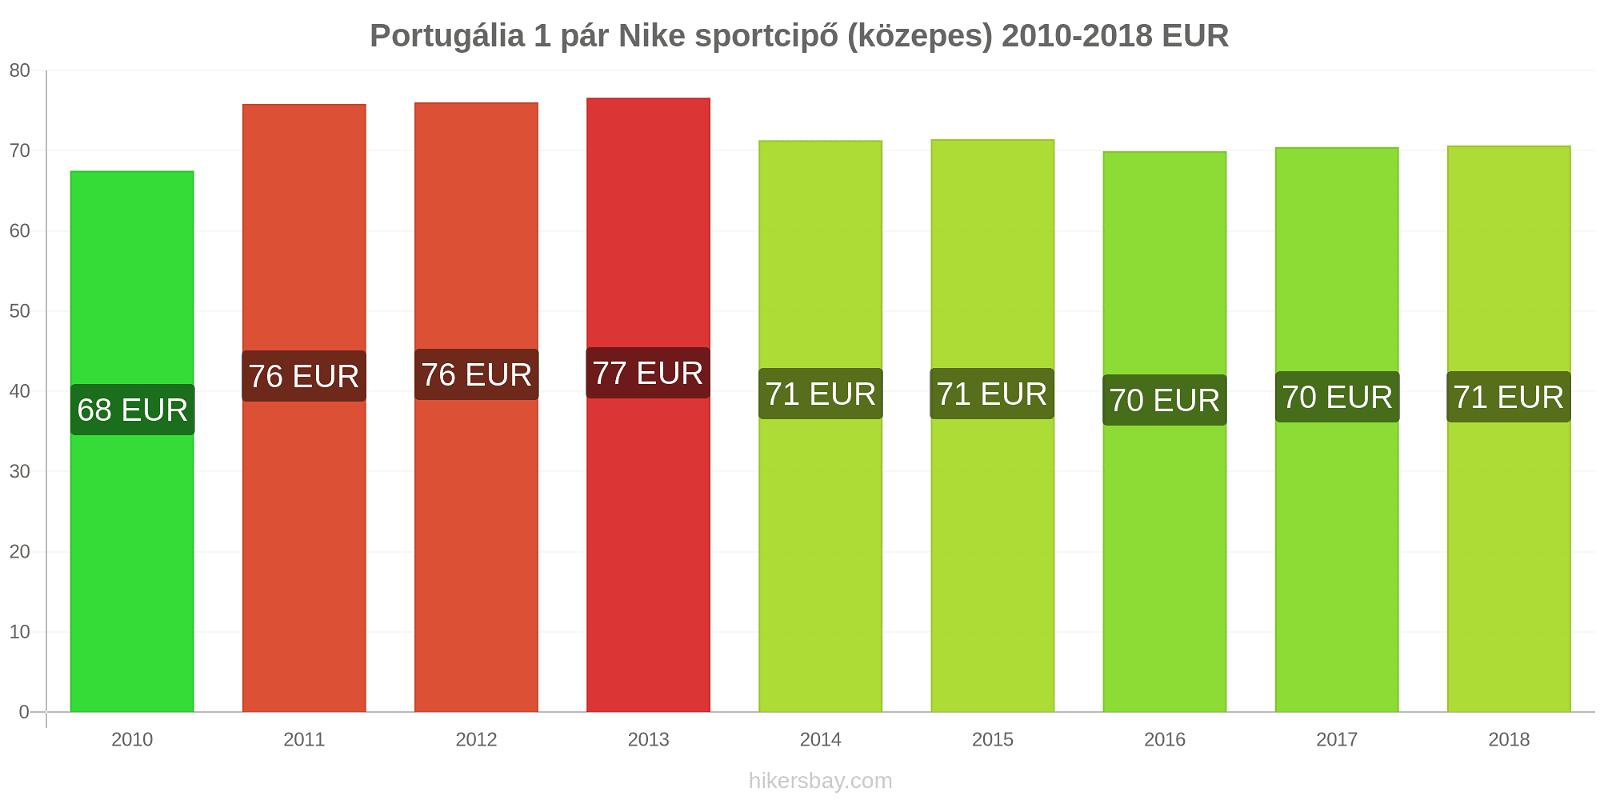 Portugália árváltozások 1 pár Nike sportcipő (közepes) hikersbay.com